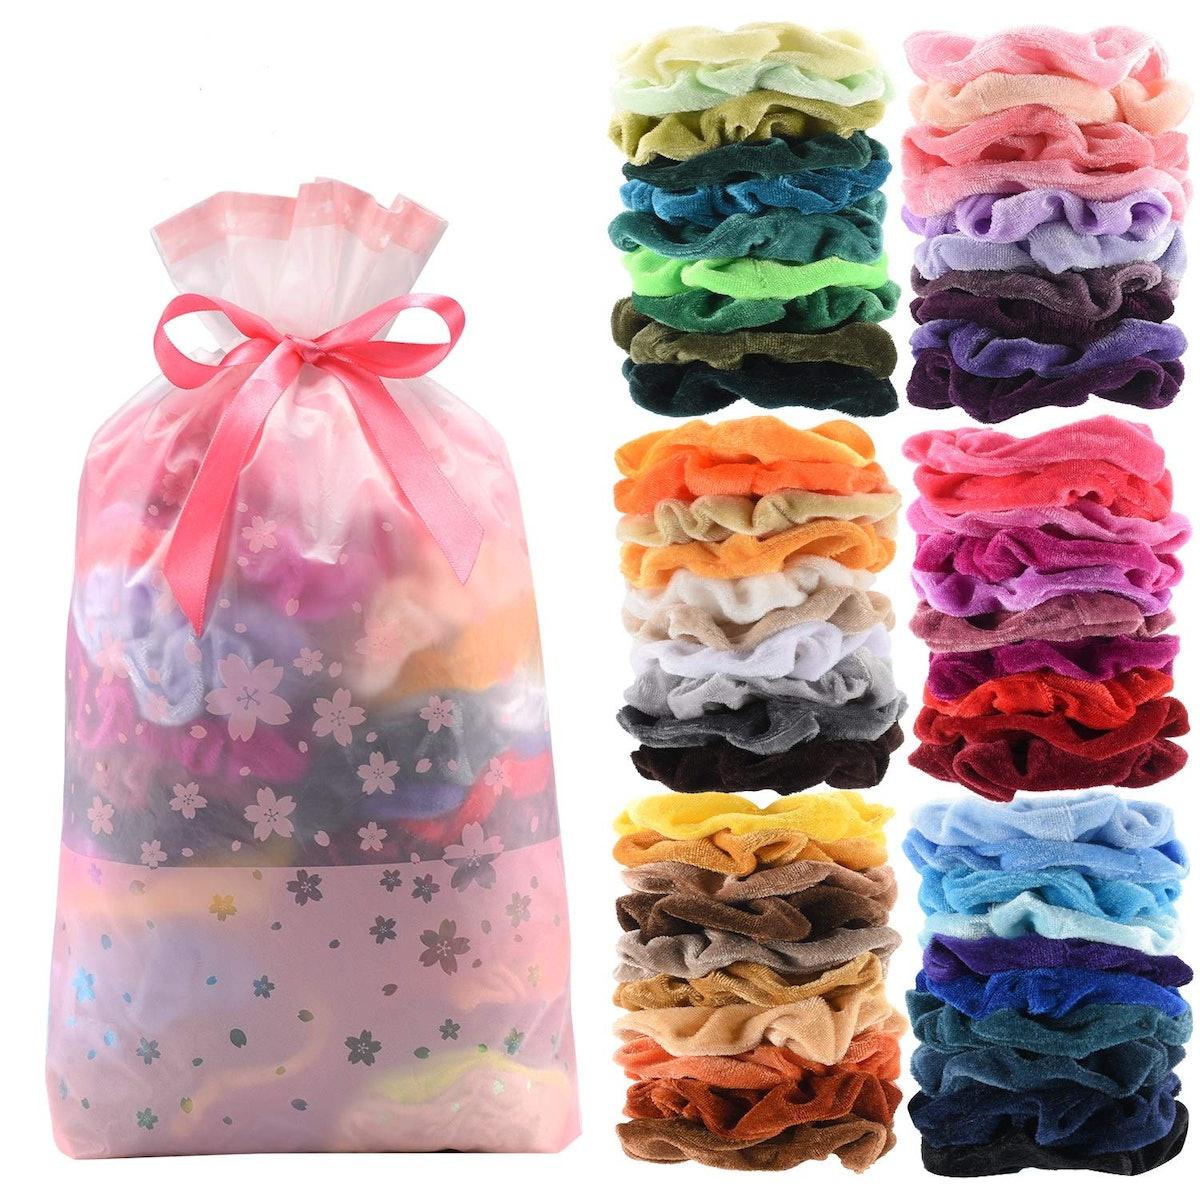 SEVEN STYLE 60 Pcs Premium Velvet Hair Scrunchies